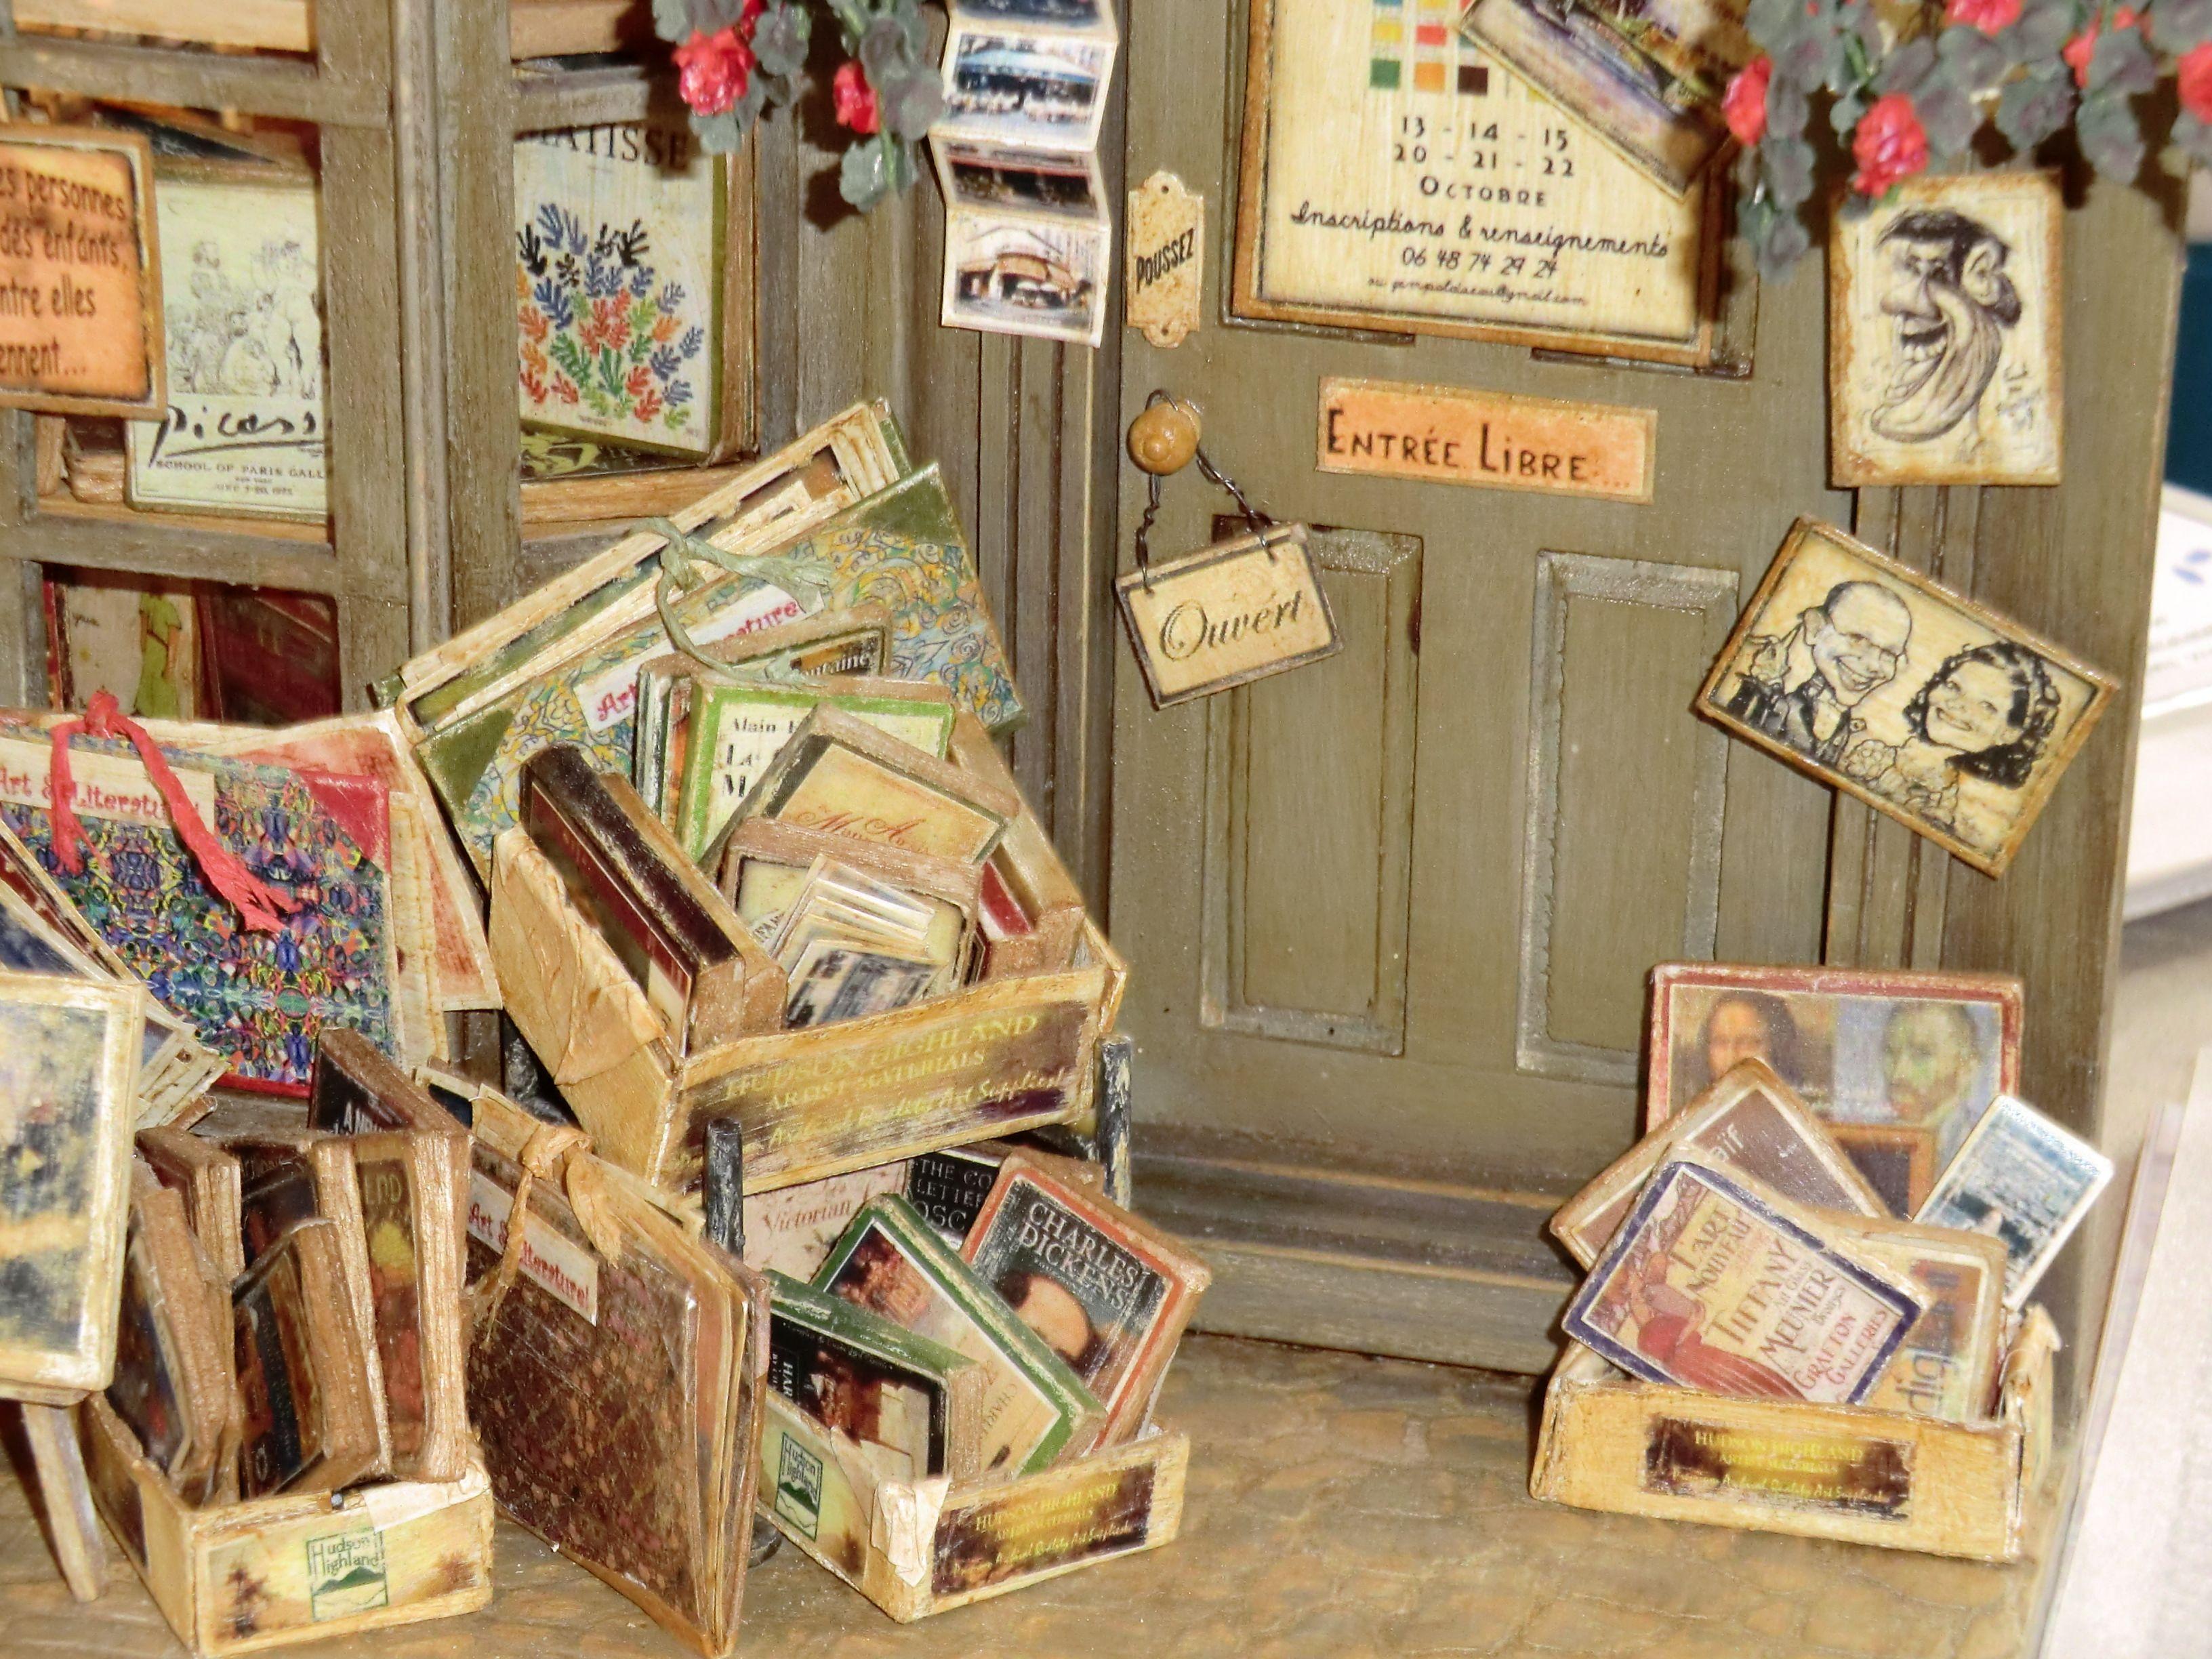 Librería en Paris